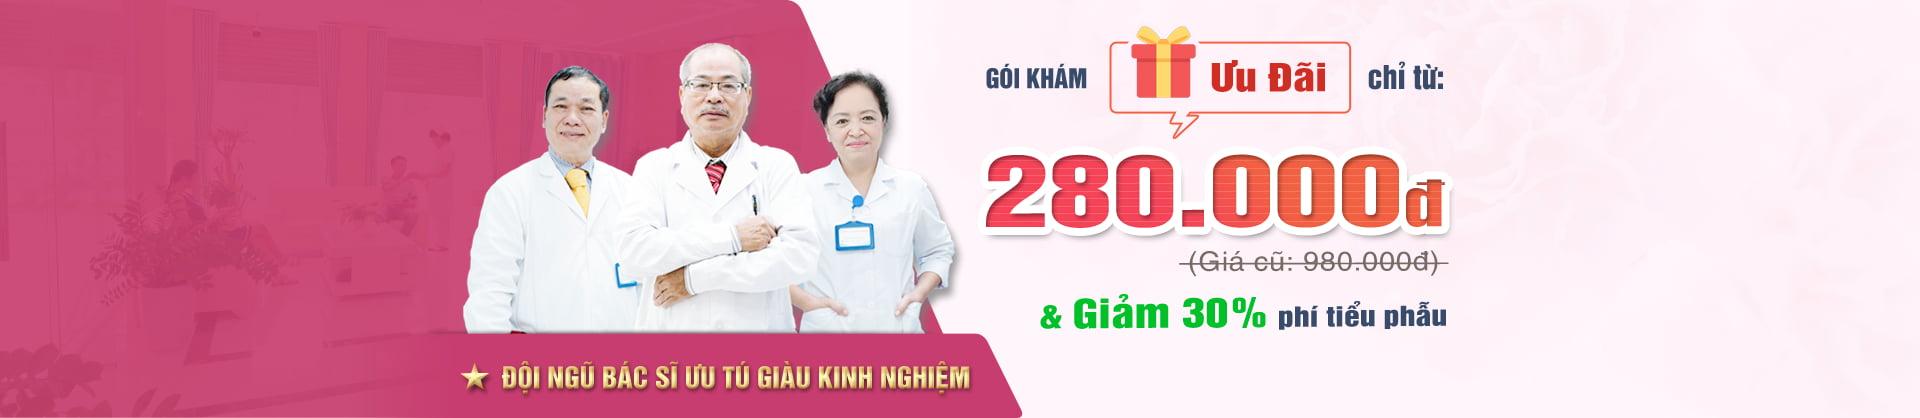 Banner Hưng Thịnh 380 xã đàn